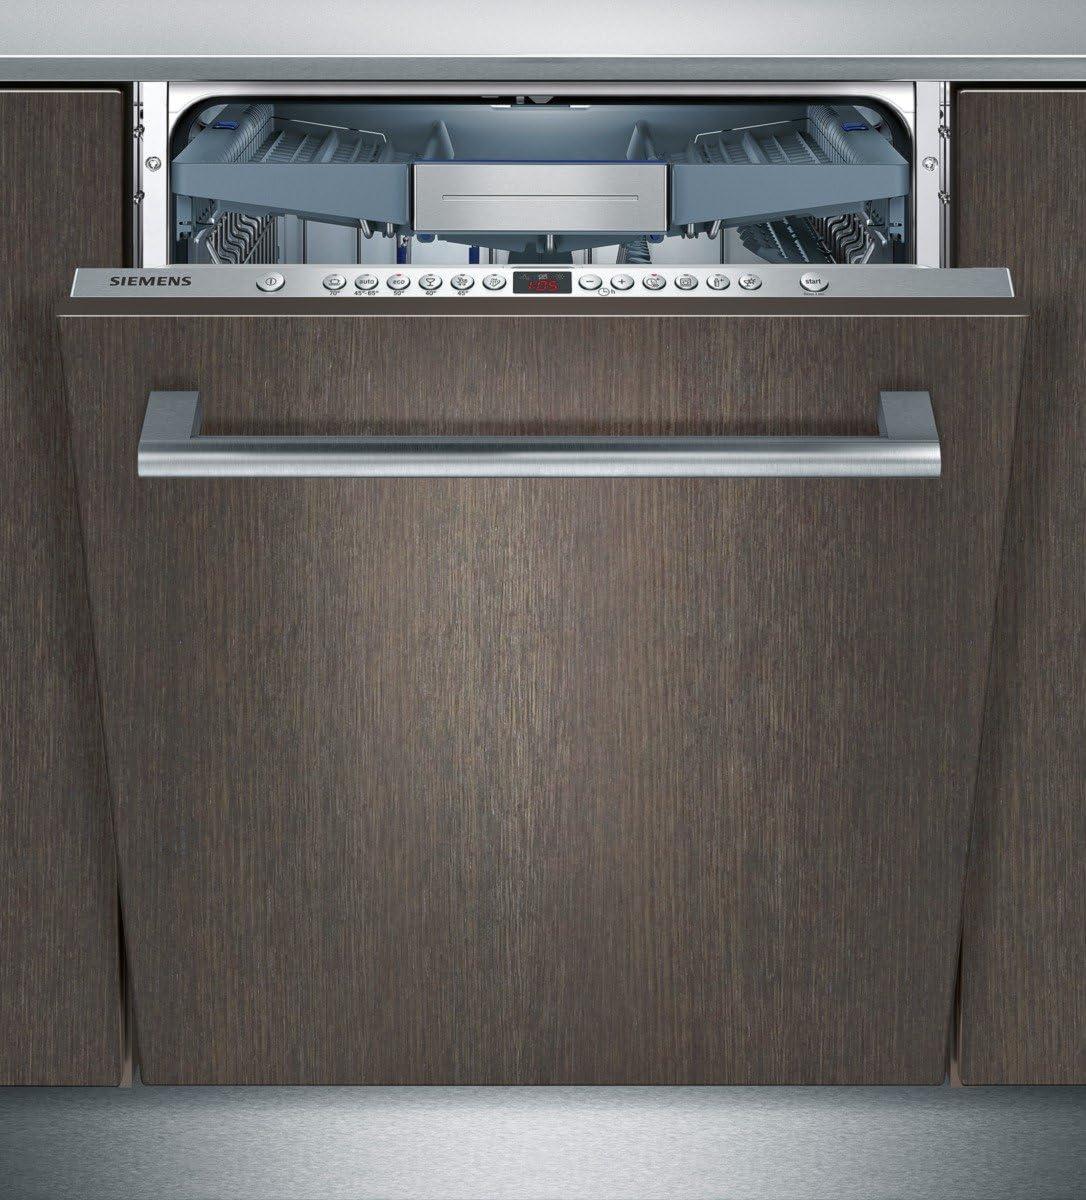 Siemens SN658X00ME lavavajilla Totalmente integrado 14 cubiertos A+++ - Lavavajillas (Totalmente integrado, Tamaño completo (60 cm), Negro, Tocar, 1,75 m, 1,65 m)